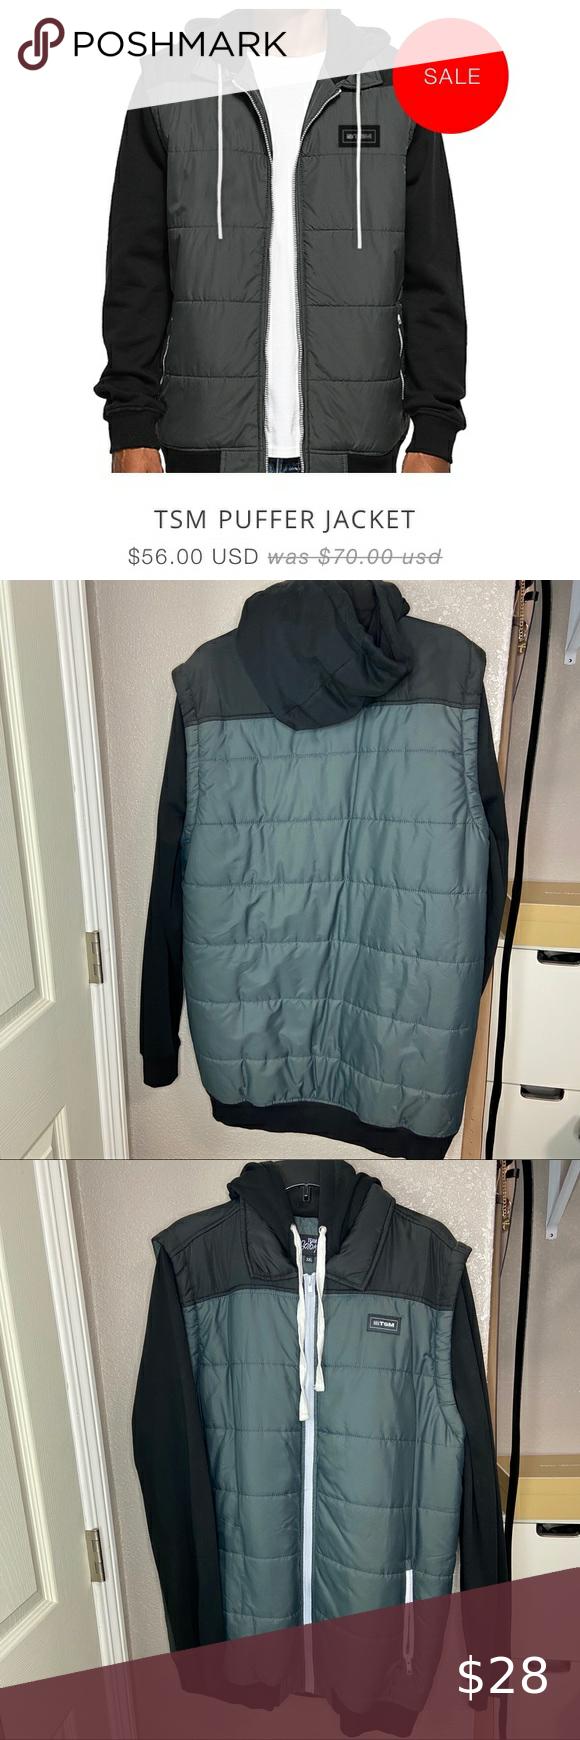 Tsm Puffer Jacket Size 3xl Puffer Jackets Jackets Puffer [ 1740 x 580 Pixel ]